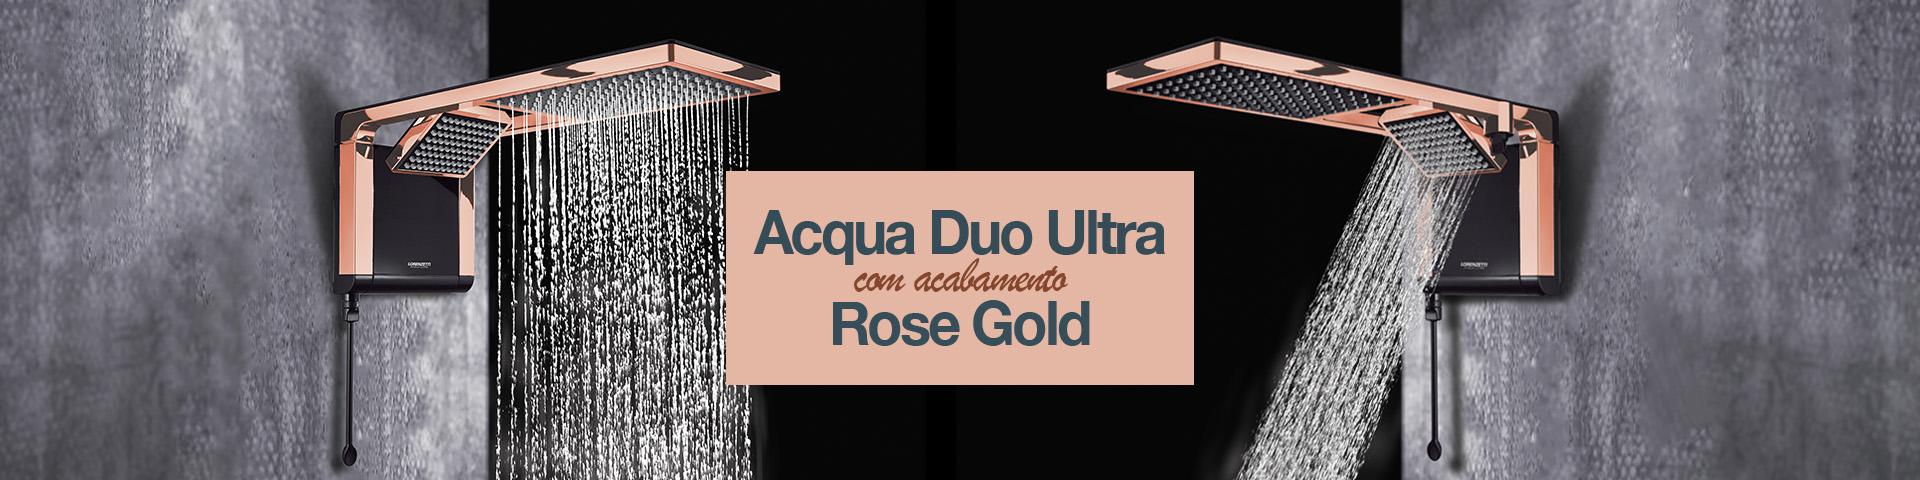 Acqua Duo RG